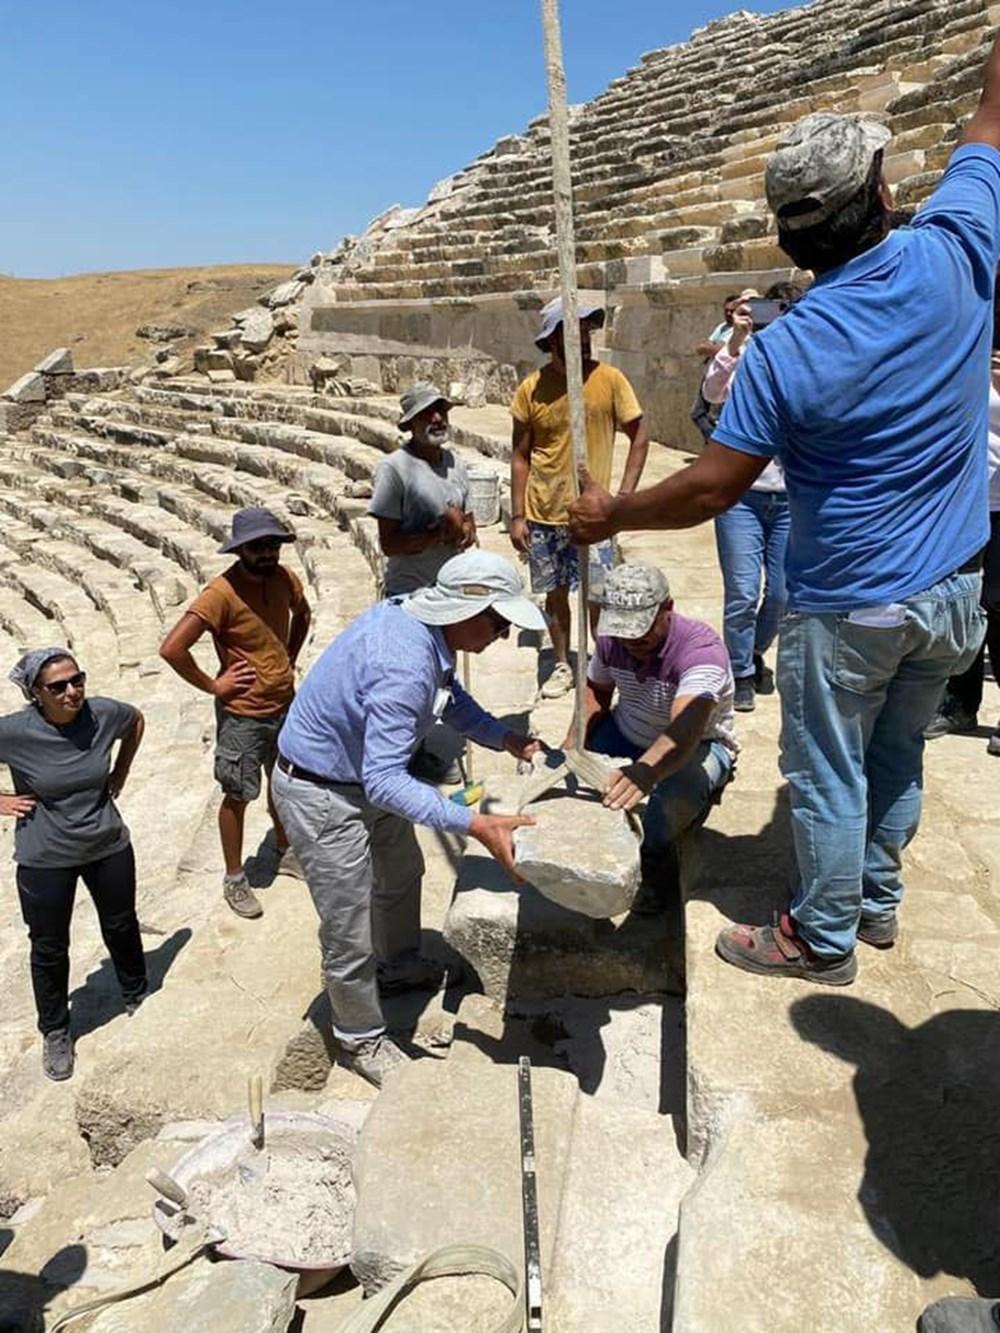 Laodikya Antik Kenti'ndeki 2 bin 200 yıllık antik tiyatronun restorasyonu tamamlandı - 2